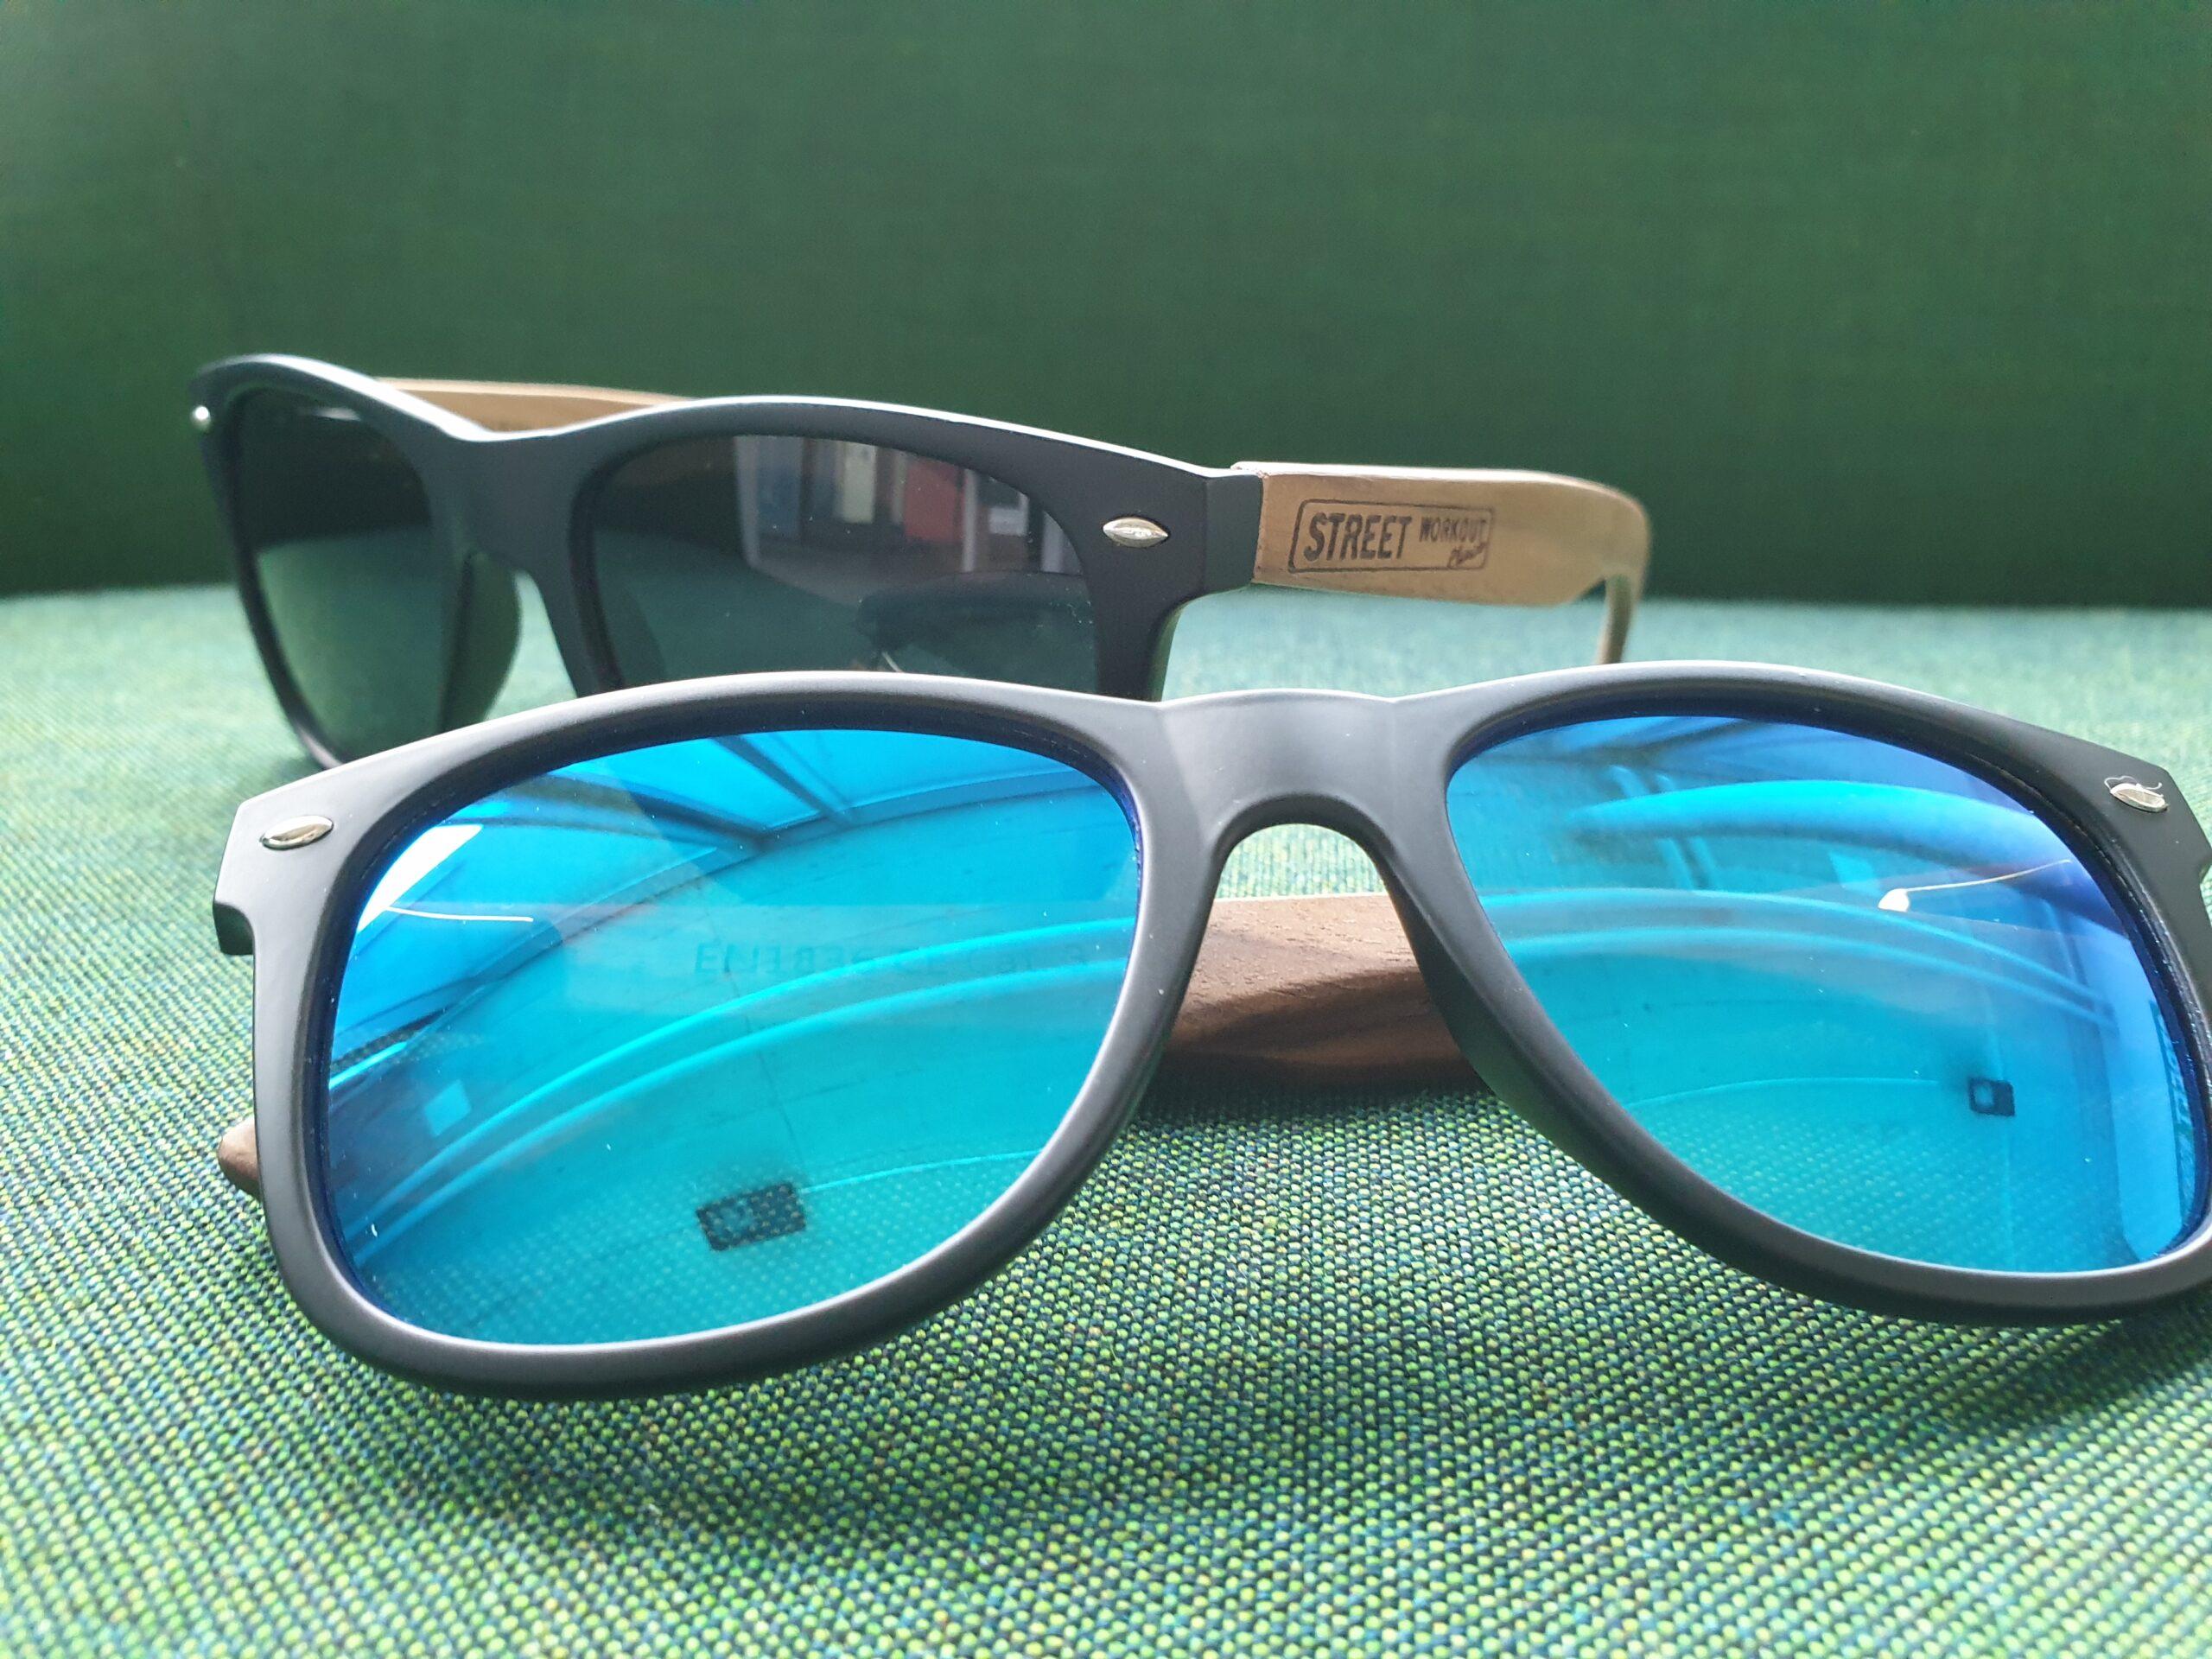 Street Workout Place Sonnenbrille mit blauen Gläsern